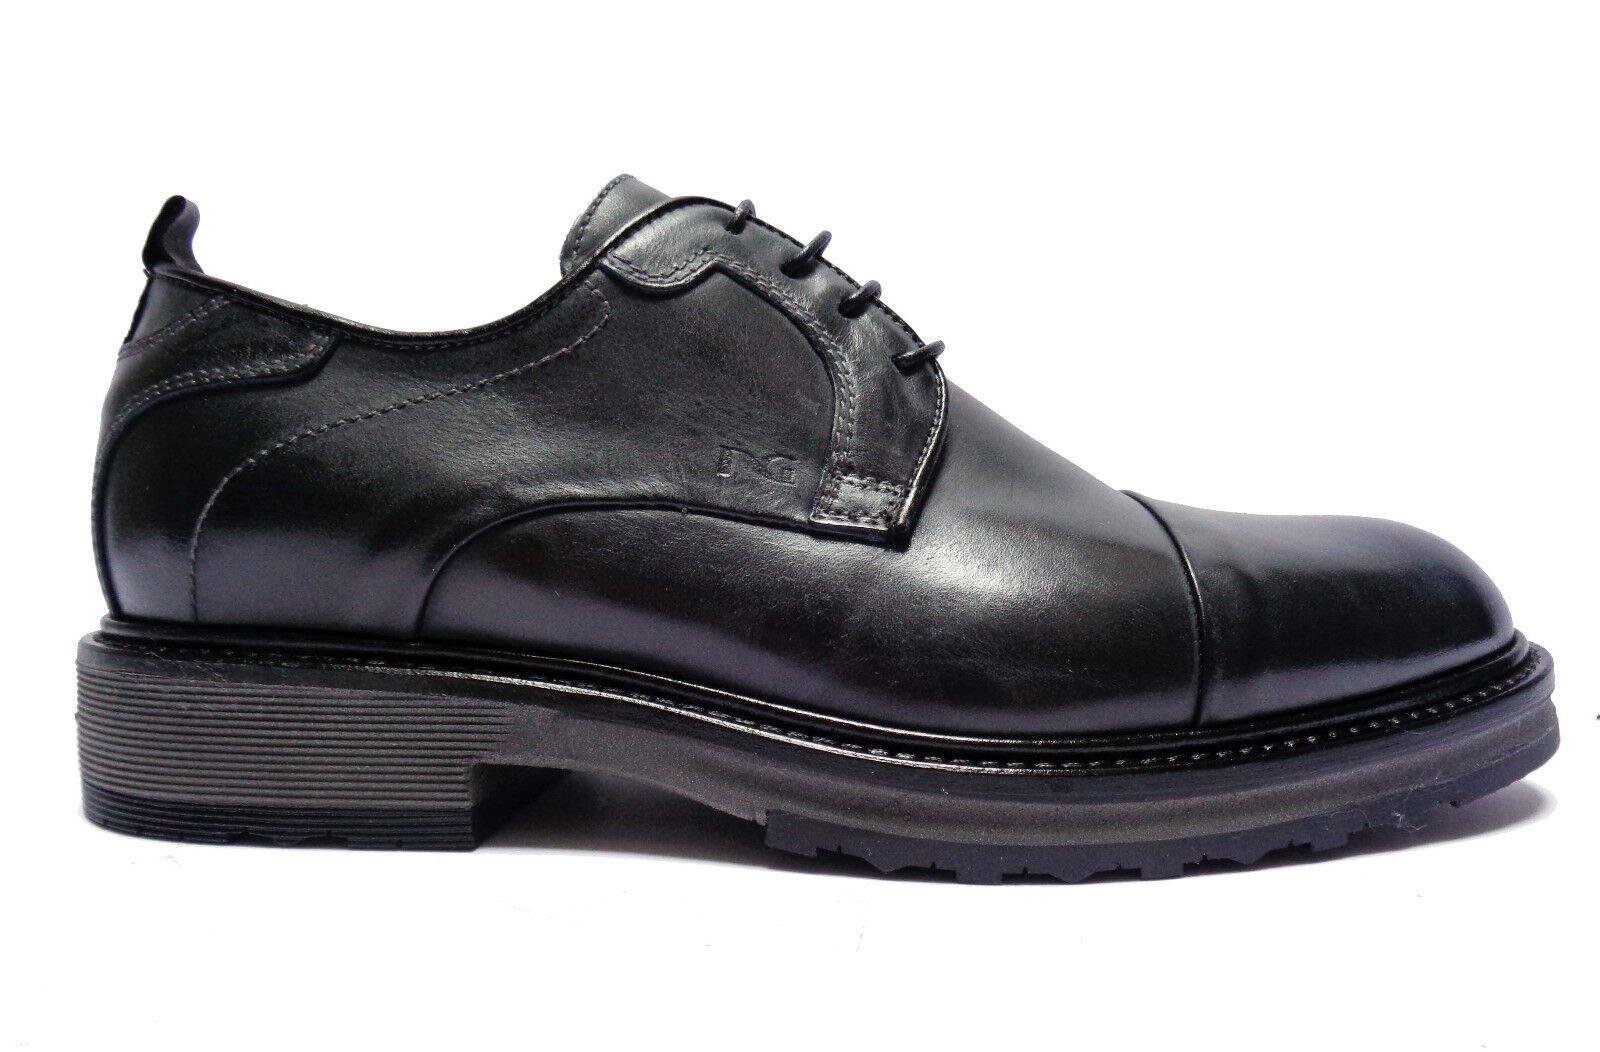 Scarpe uomo Nero Giardini 5510 scarpe basse stringate da uomo in pelle col. Blu | Esecuzione squisita  | Maschio/Ragazze Scarpa